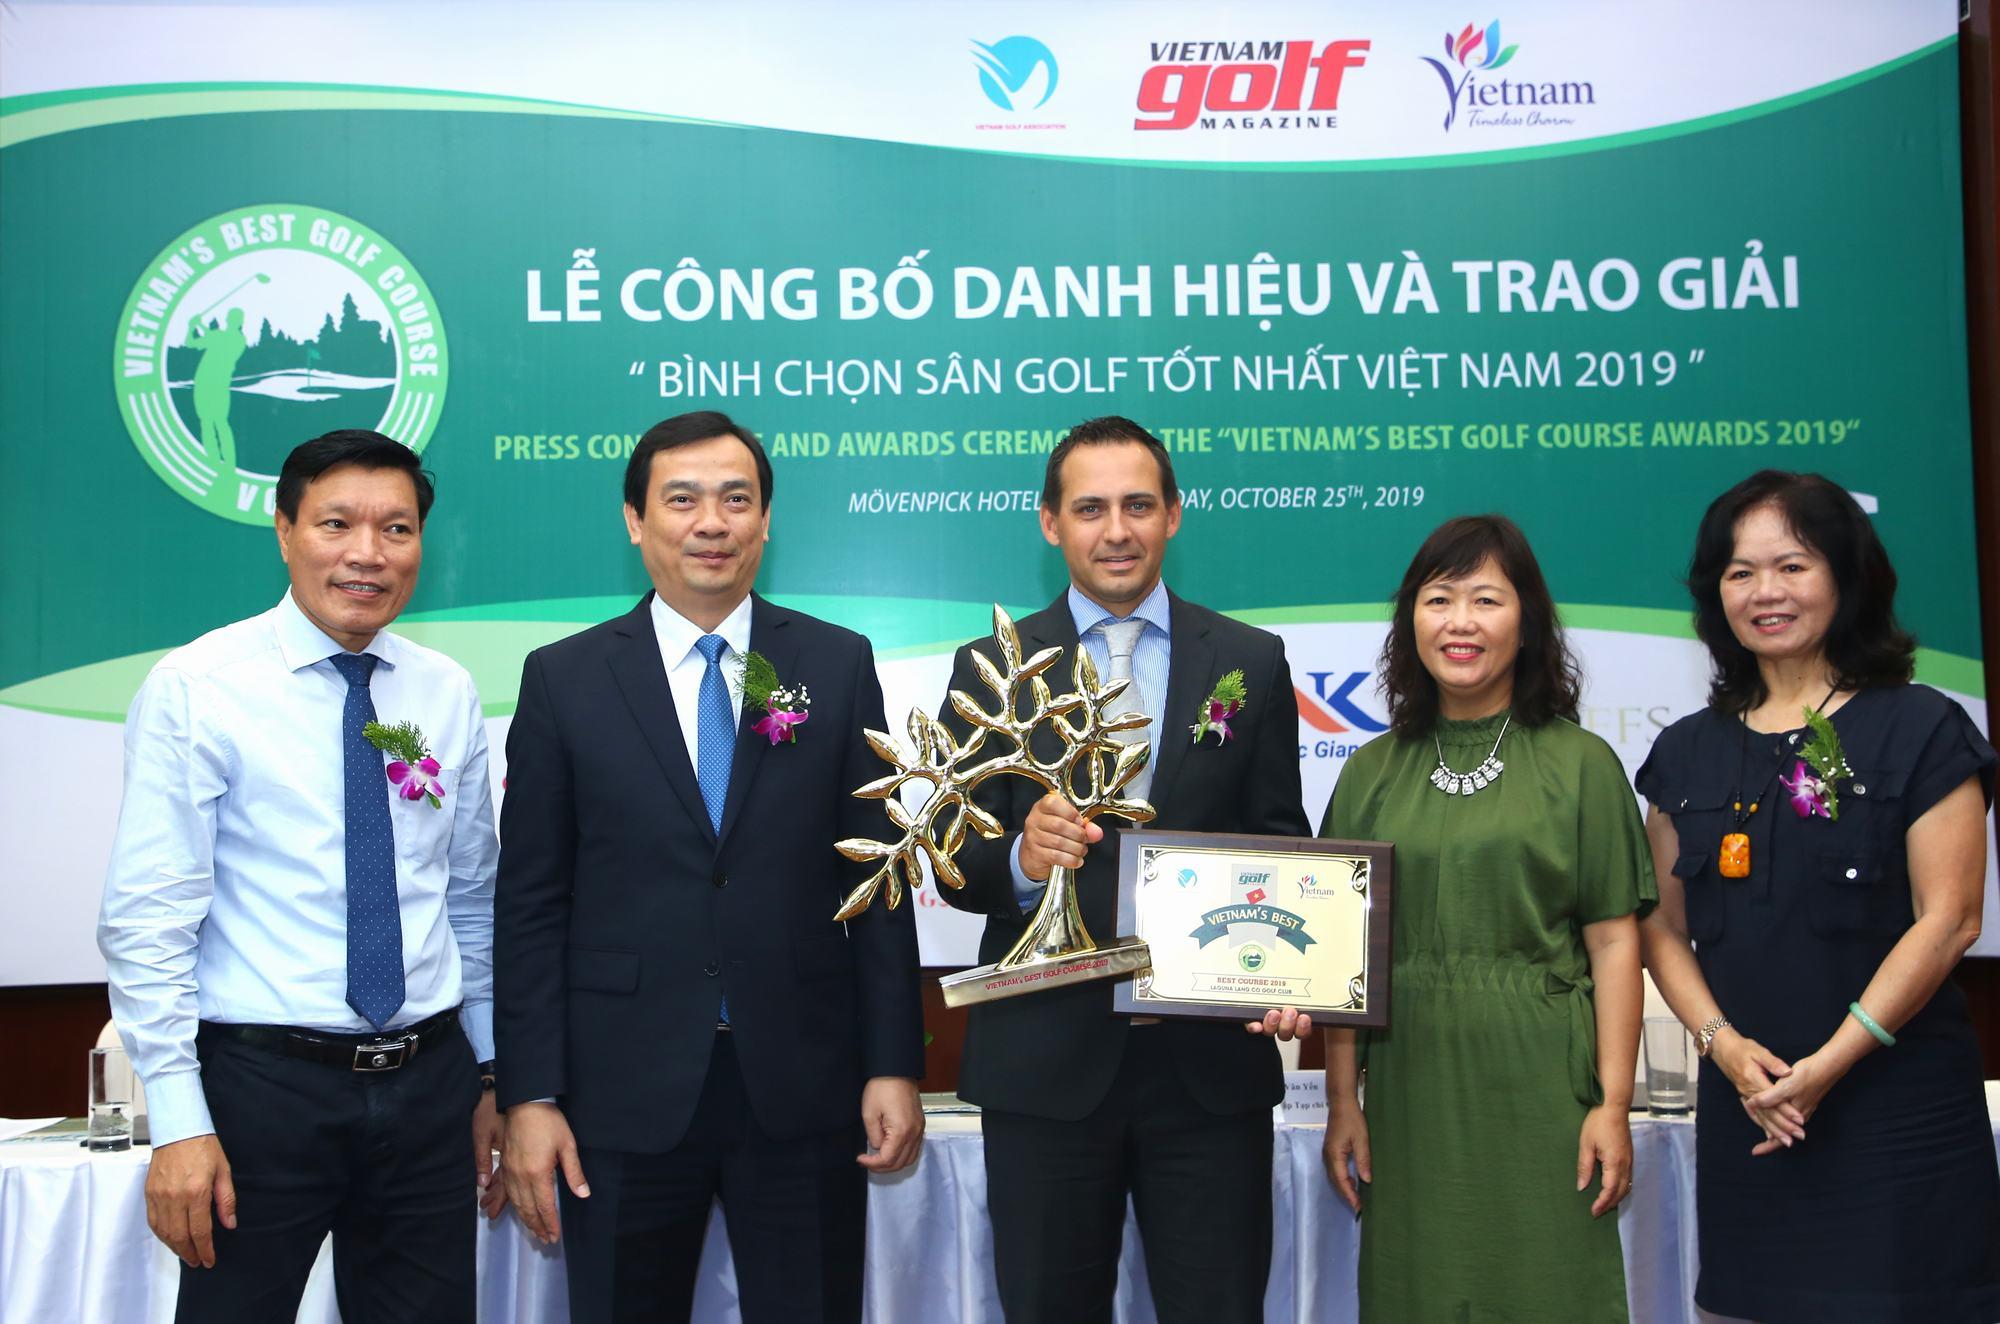 Sân golf Tốt nhất Việt Nam 2019  thuộc về sân golf Laguna Lăng Cô